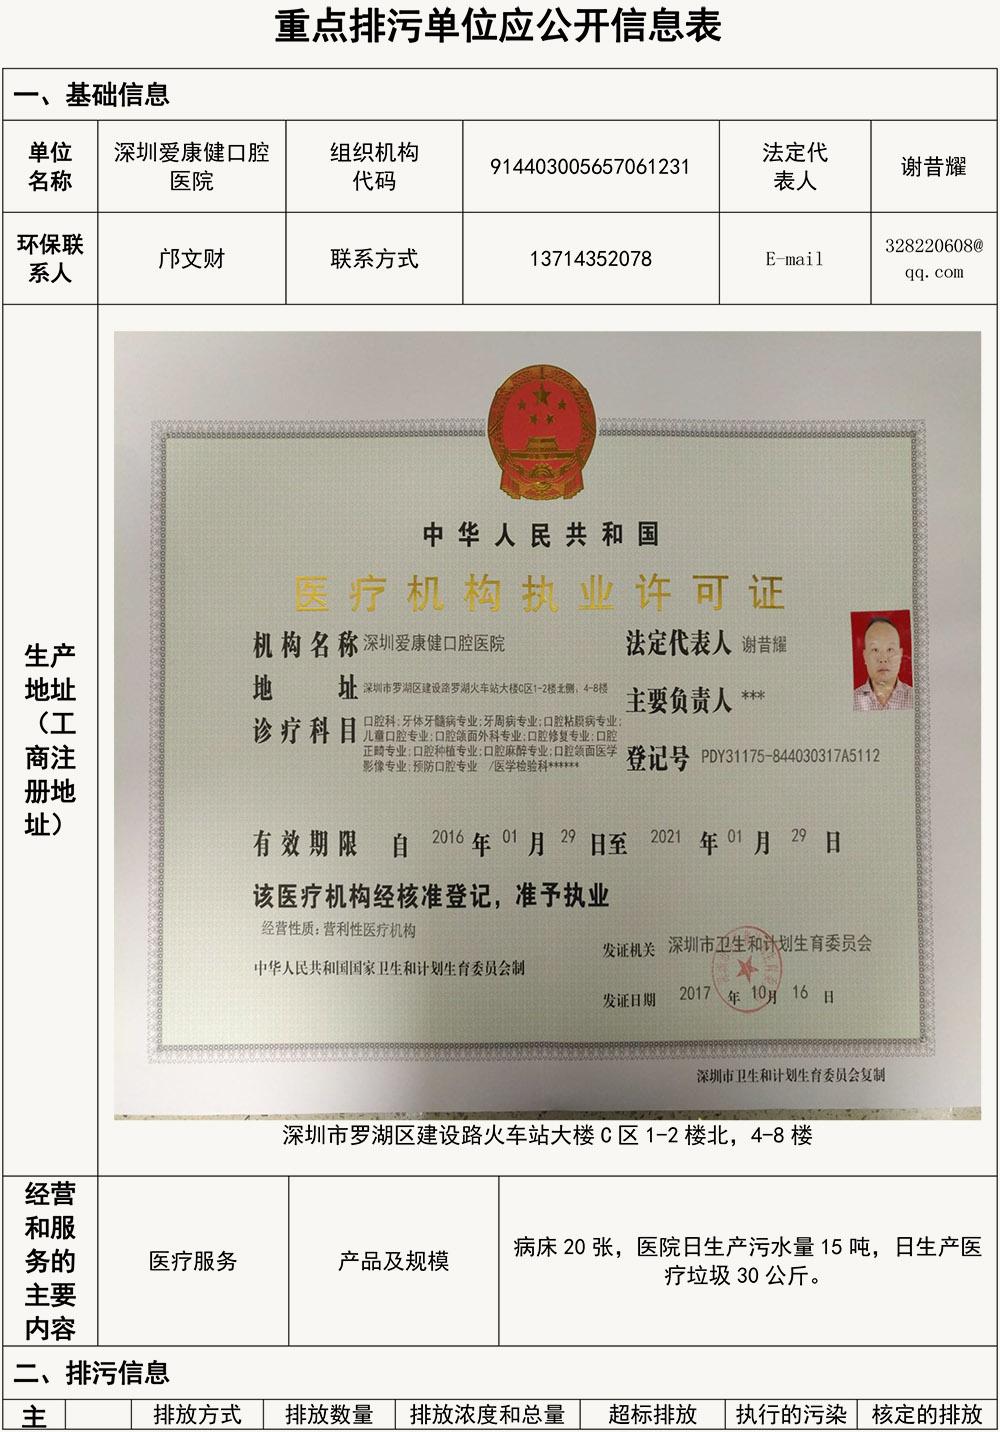 深圳爱康健口腔医院重点排污单位应公开信息表